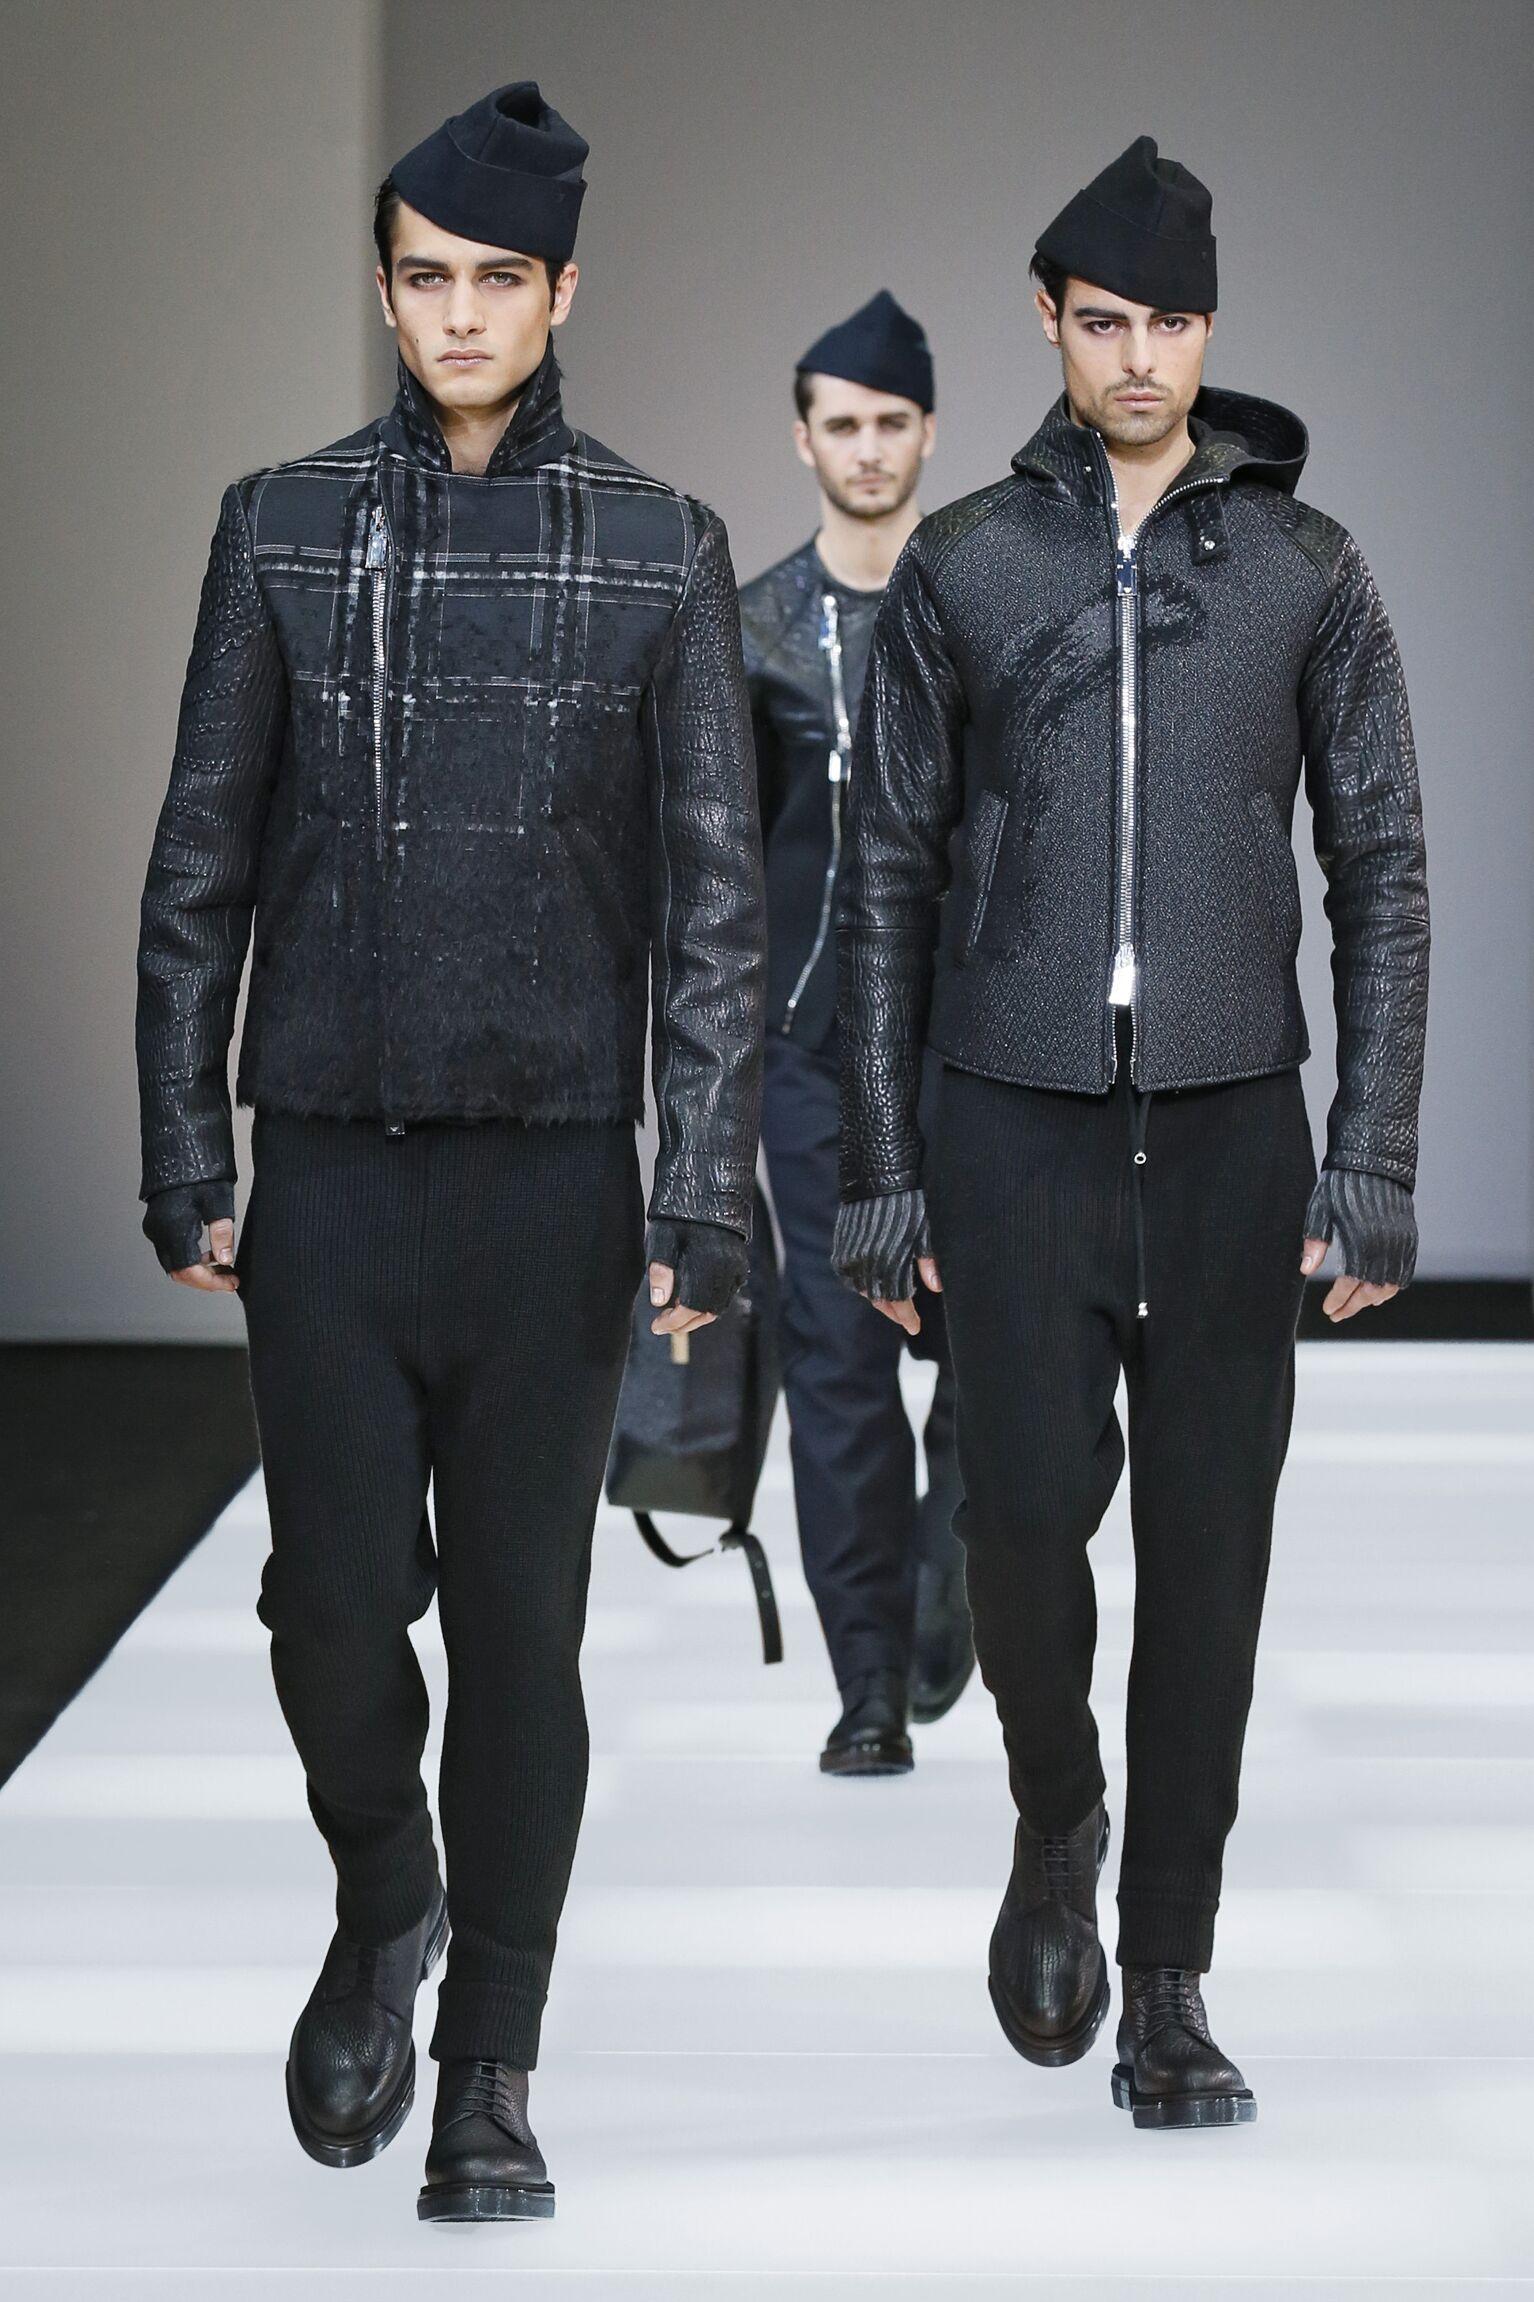 Winter 2015 Fashion Trends Emporio Armani Collection